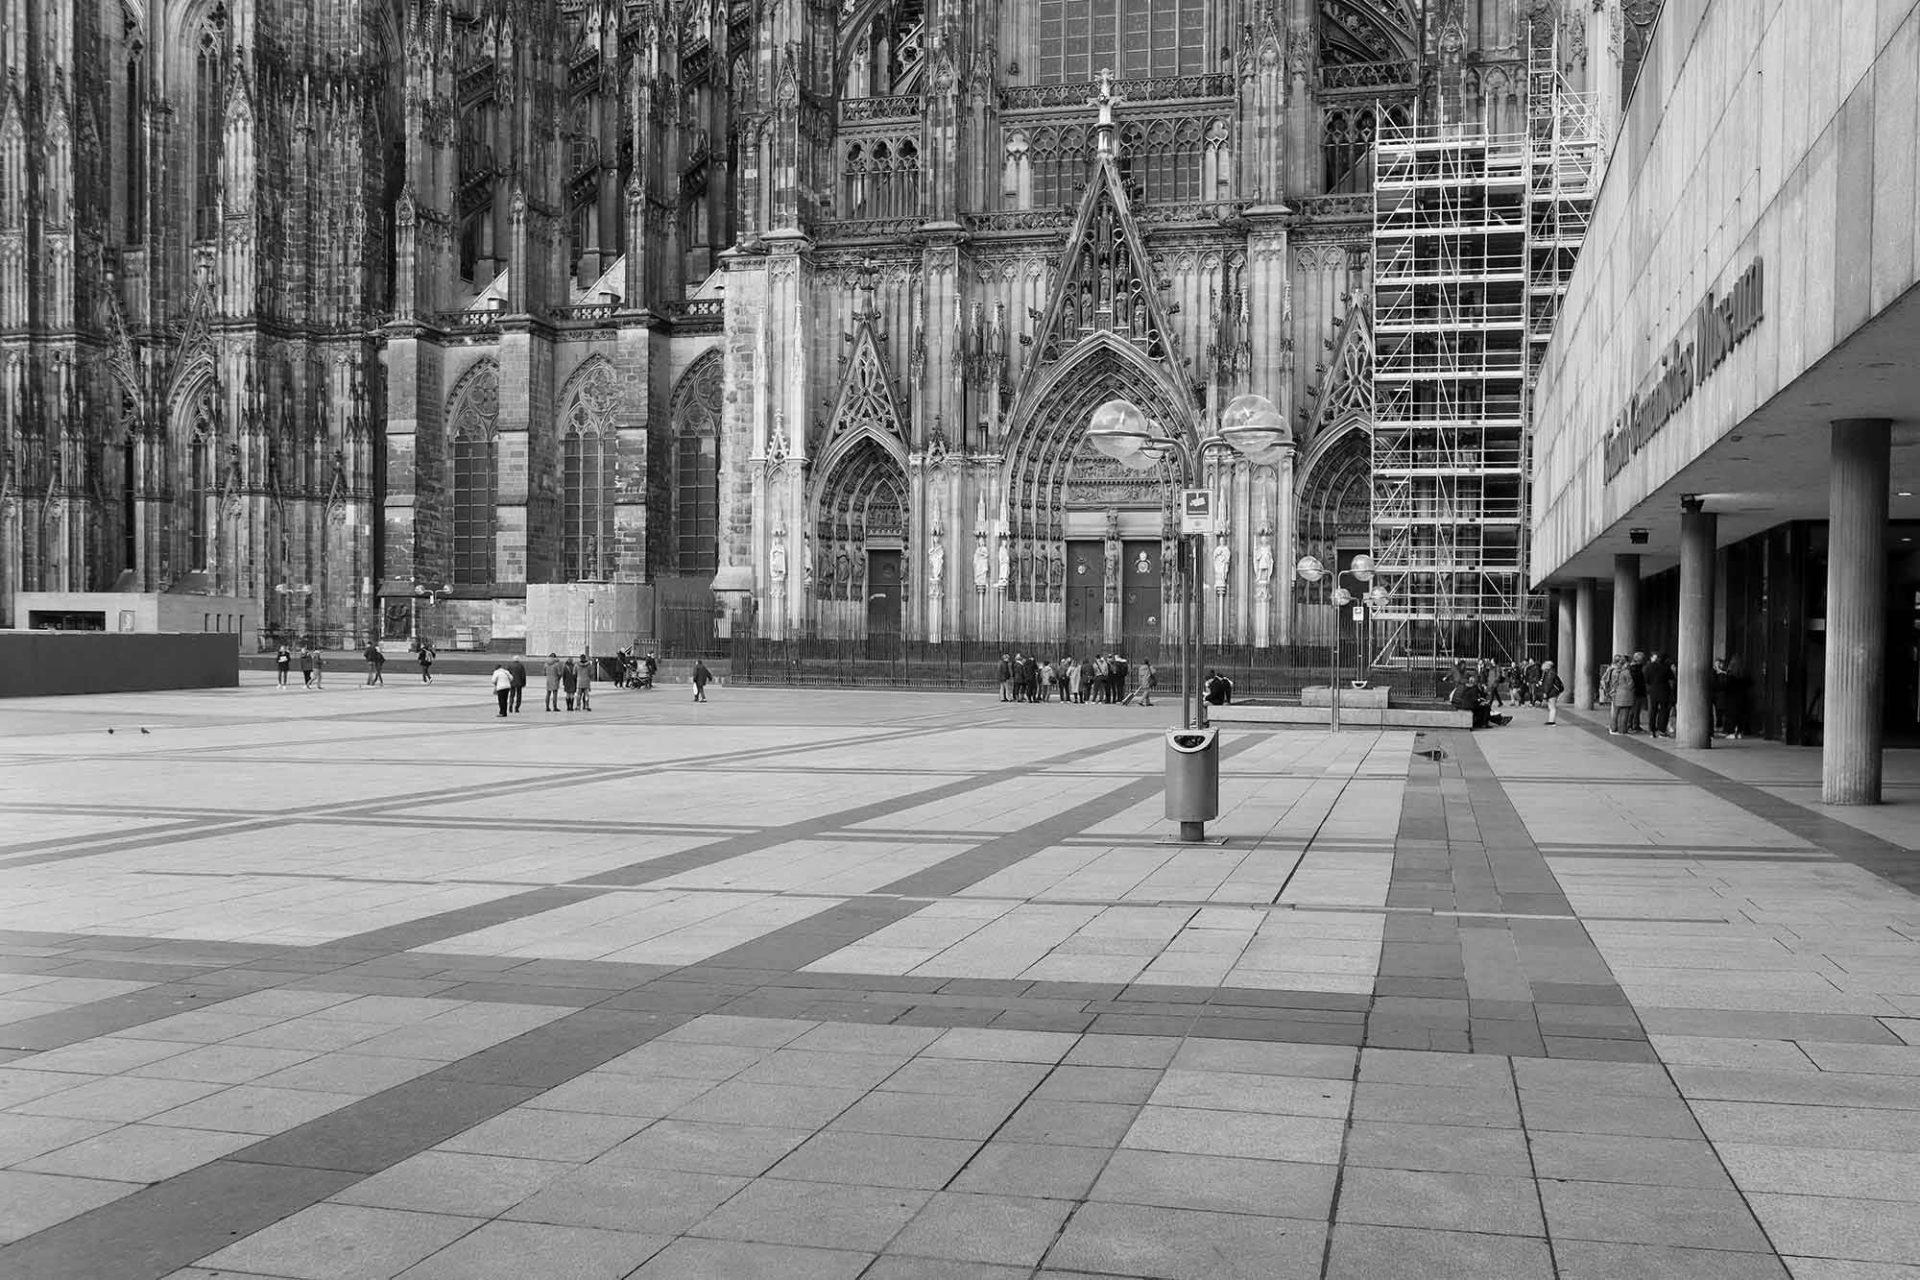 Dombauhütte Köln. Der Grundstein des Kölner Domes wurde 1248 gelegt. Seitdem besteht auch die Dombauhütte und zählt noch heute zu den besten in Europa.